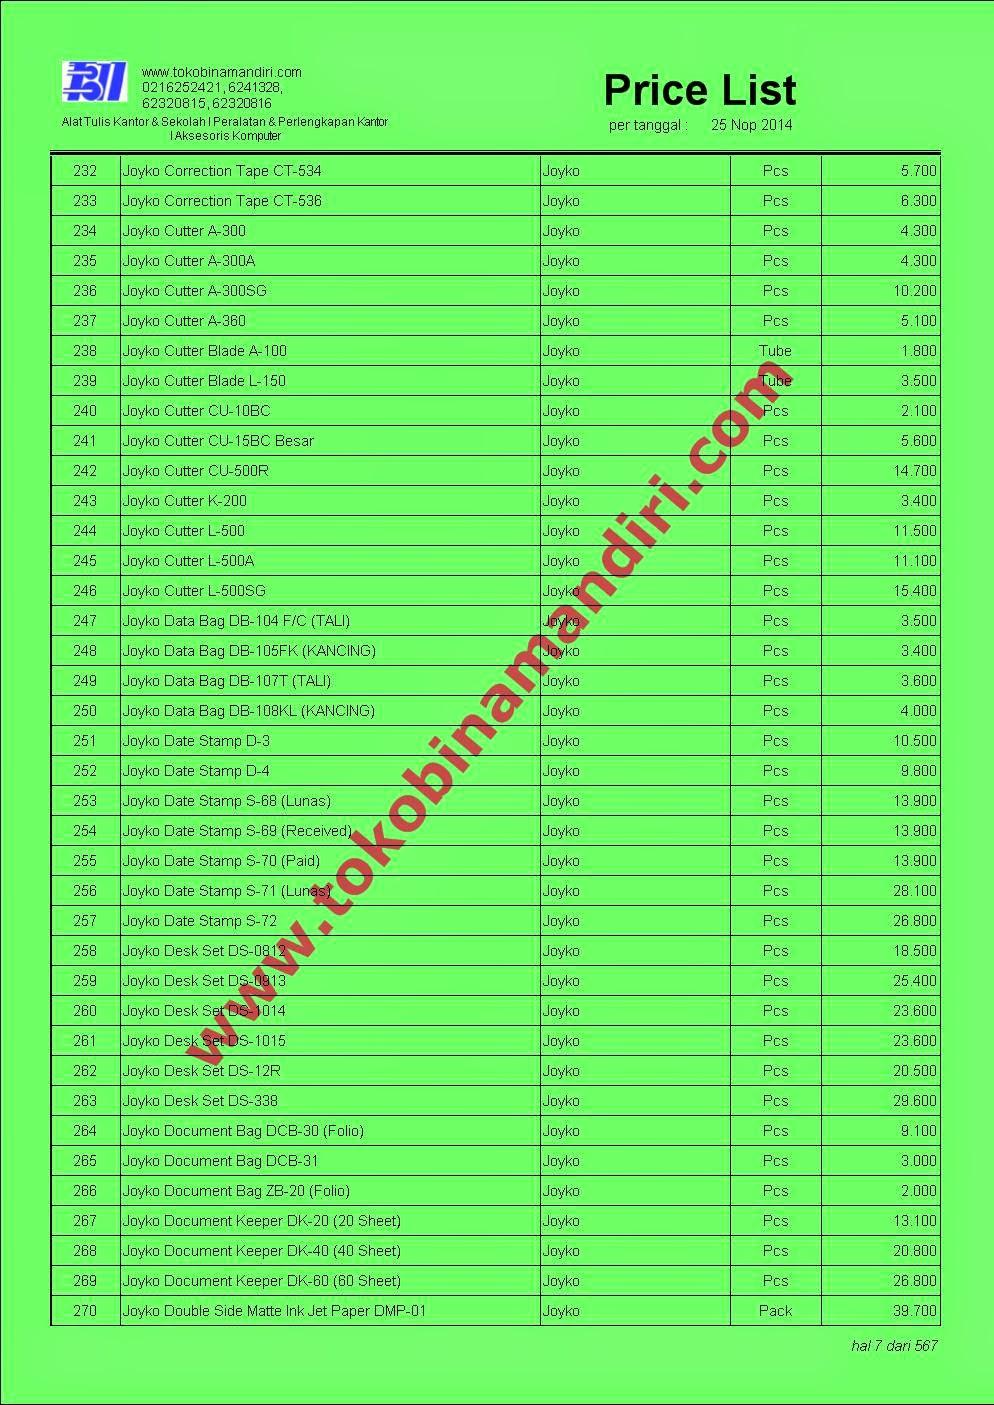 Daftar Harga Alat Tulis Kantor Merek Joyko